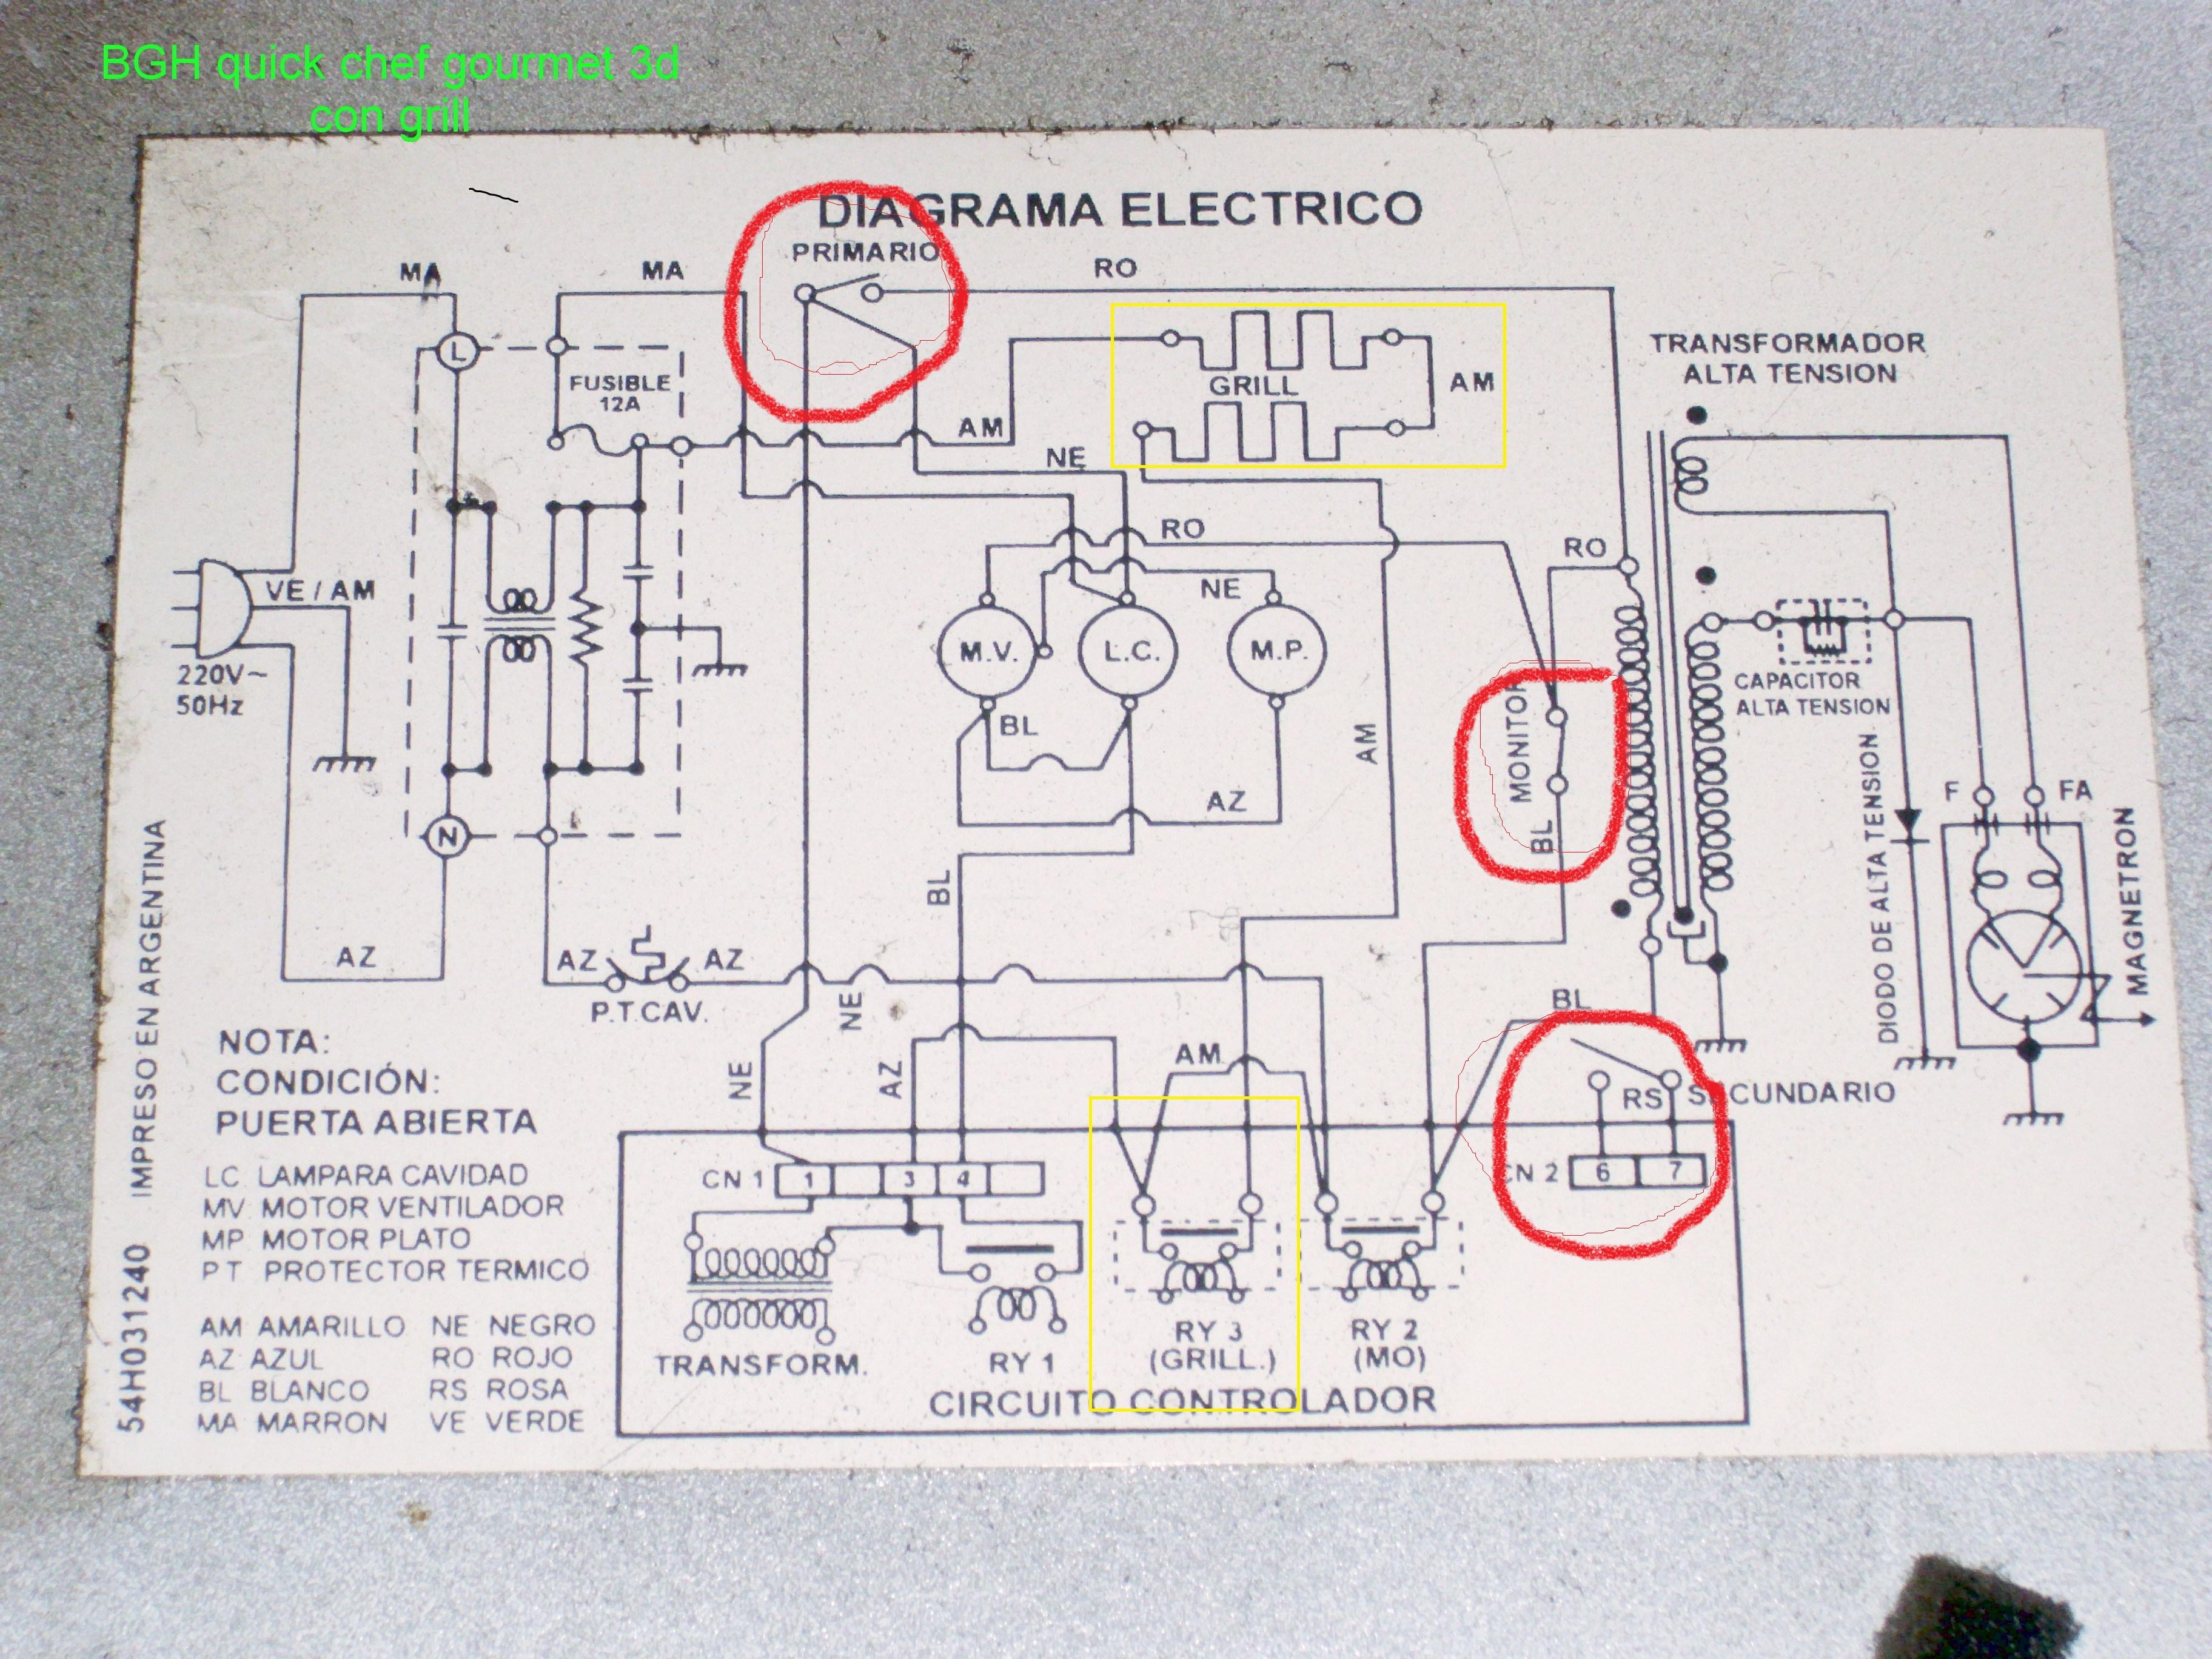 Funciona el microondas pero no calienta electrodomsticos for Grifo termostatico no calienta